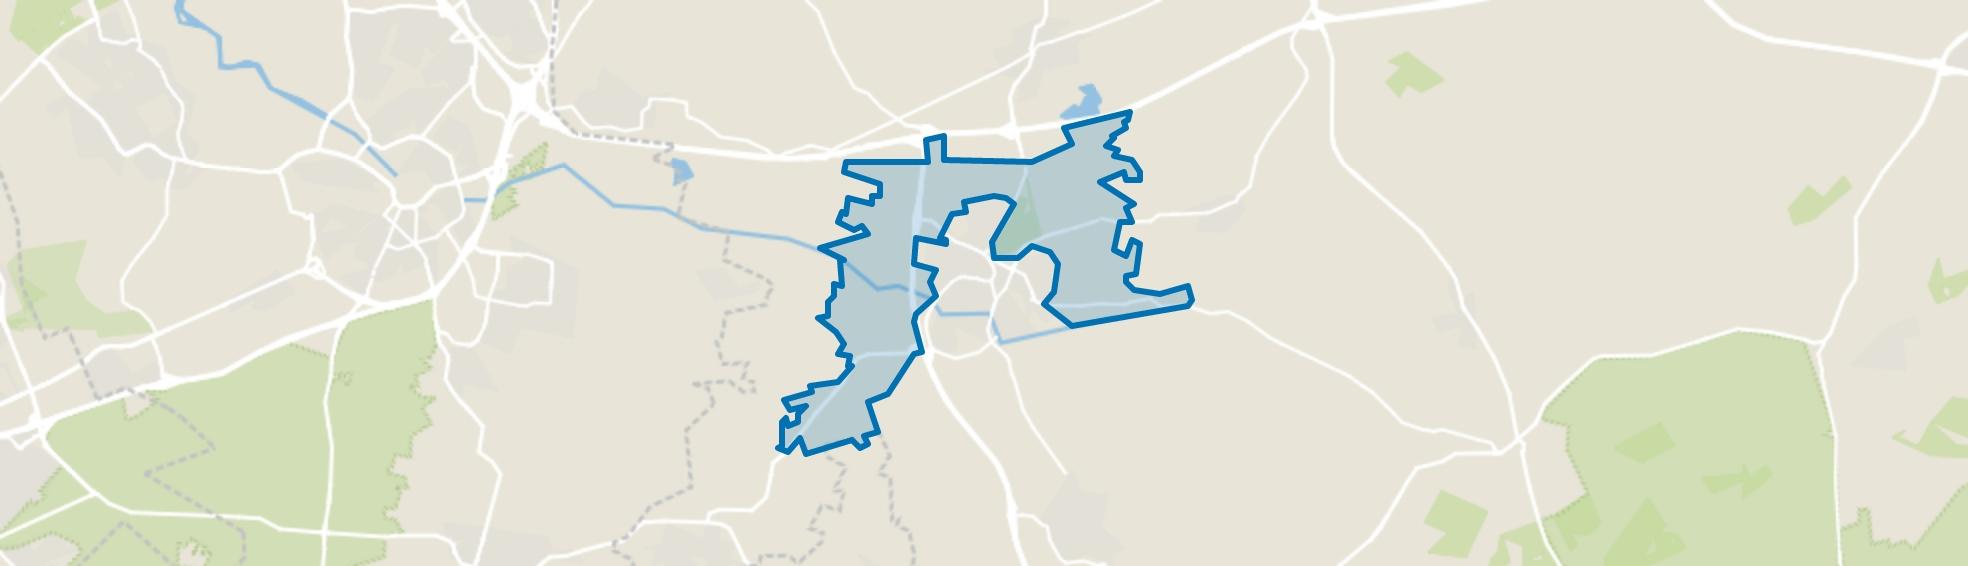 Buitengebied Barneveld, Barneveld map